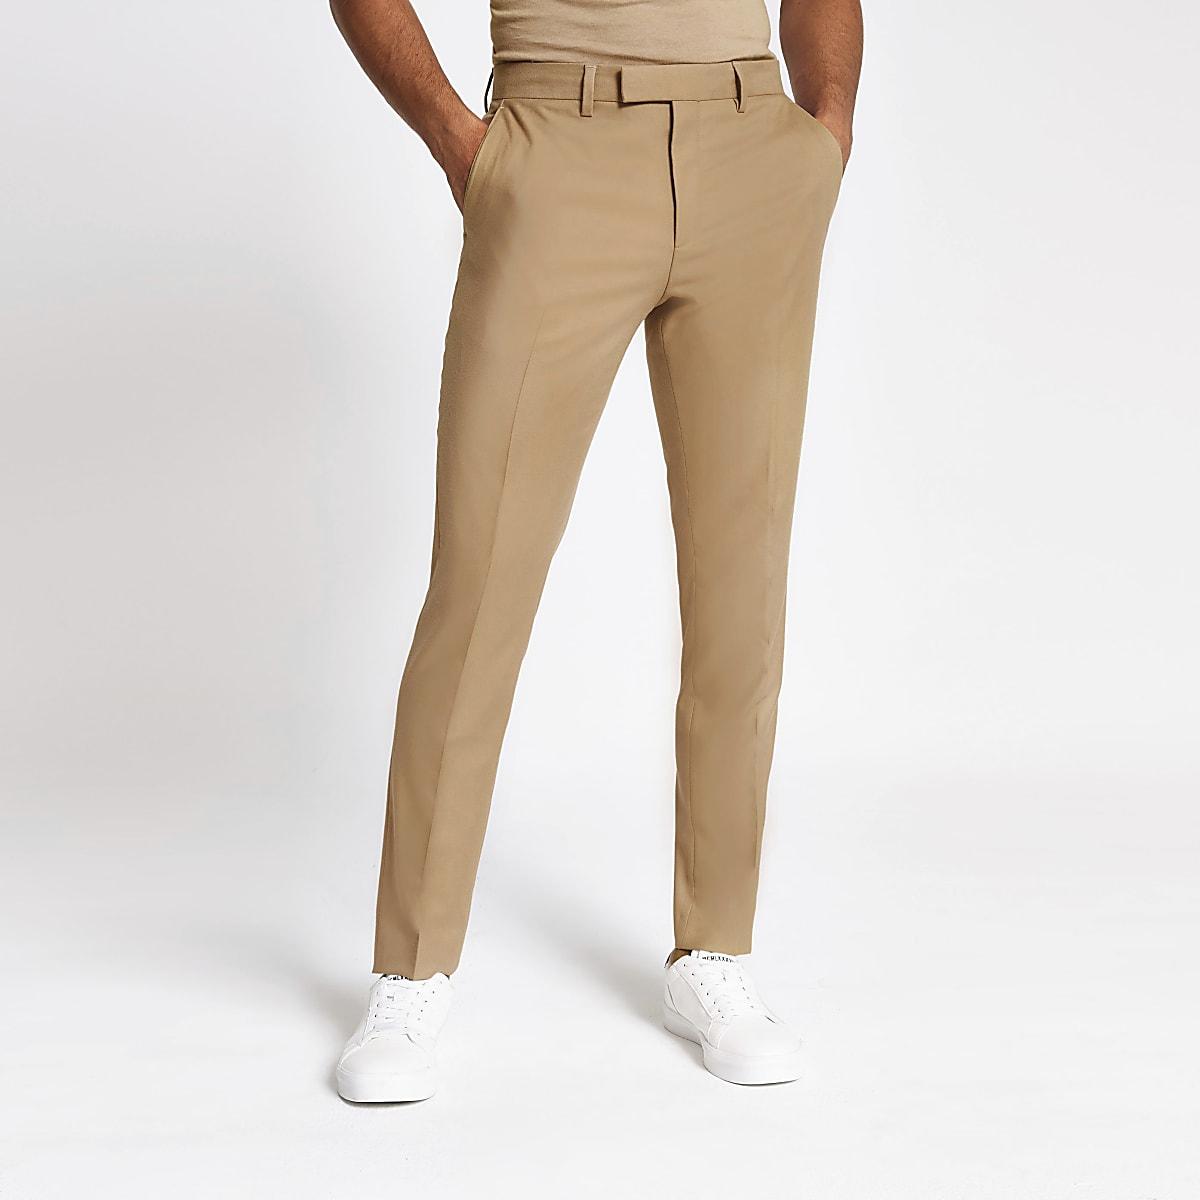 Camelkleurige skinny pantalon met stretch